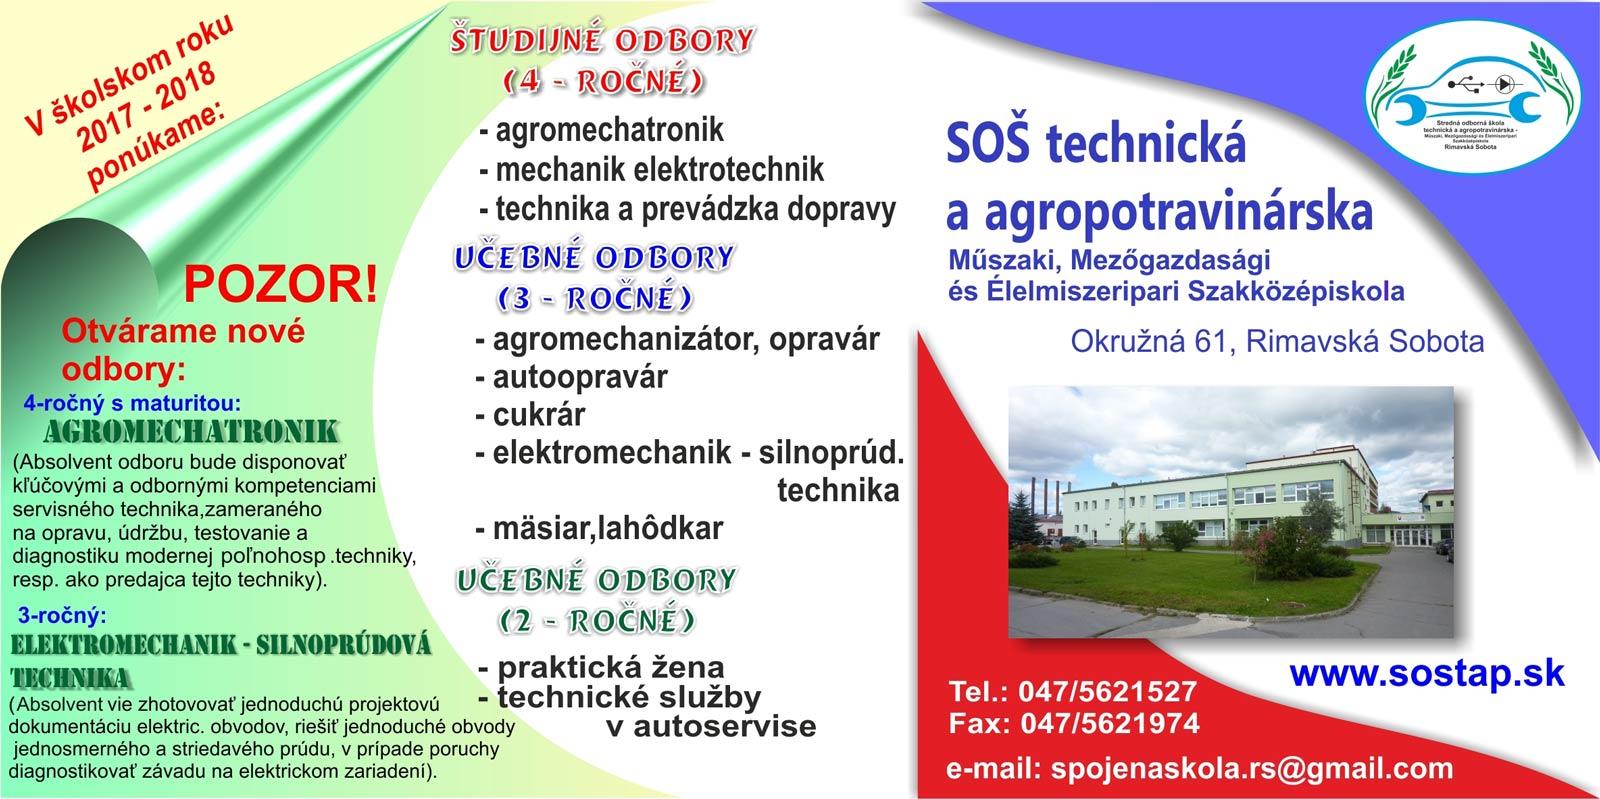 b8757ecee566 SOŠ technická a agropotravinárska otvorí brány verejnosti. Ponúkne ...